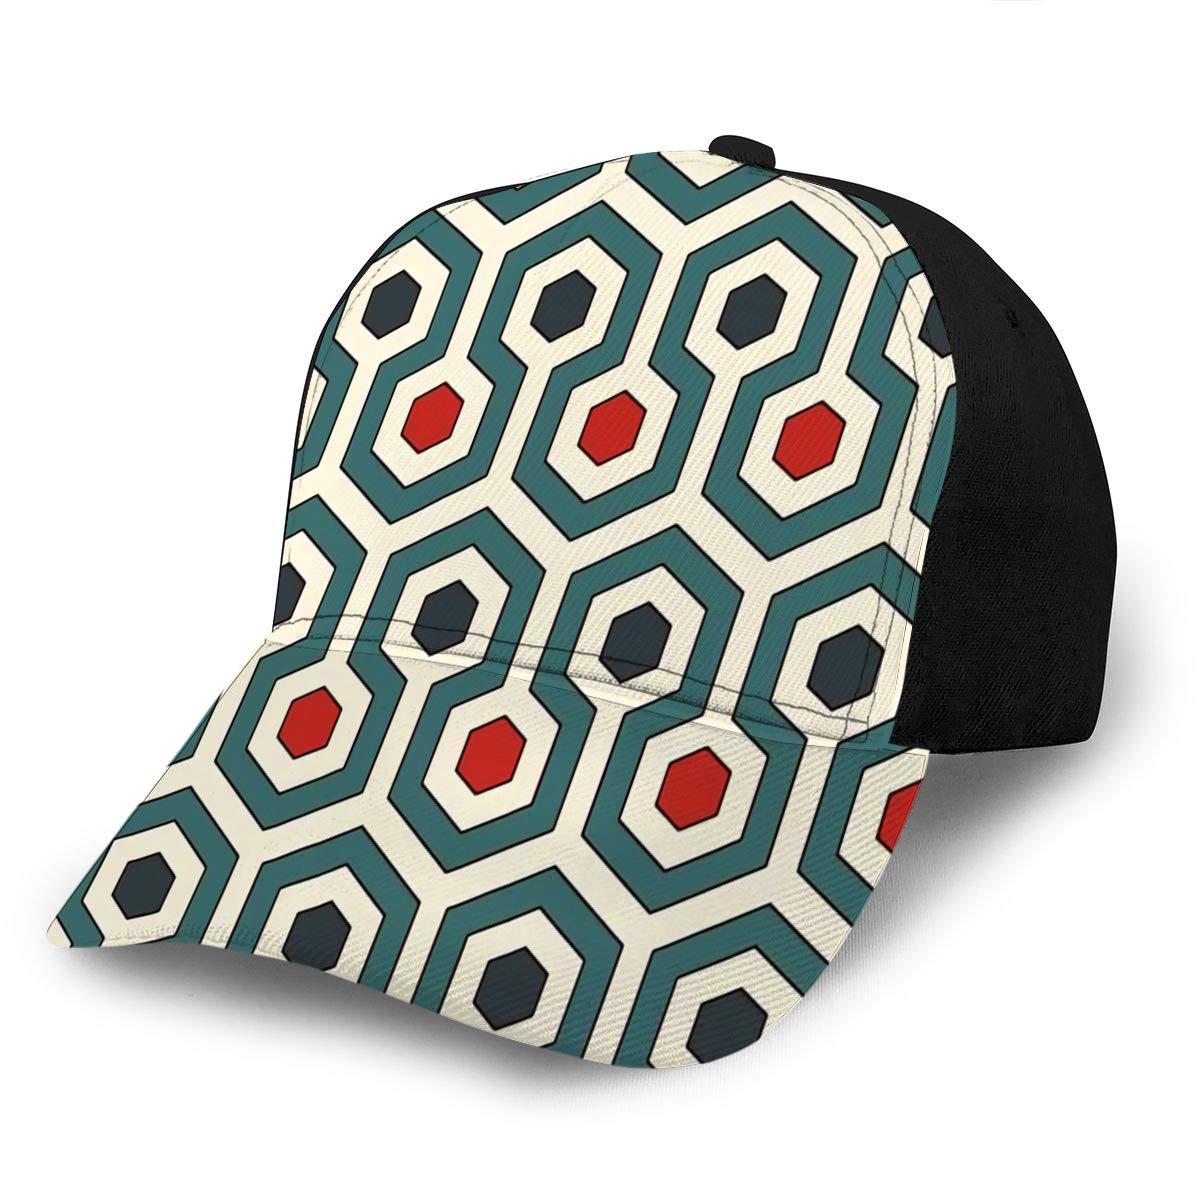 avbvoxy Adjustable Snapback Baseball Cap Honeycomb Abstract Retro Colors Repeated Hexago